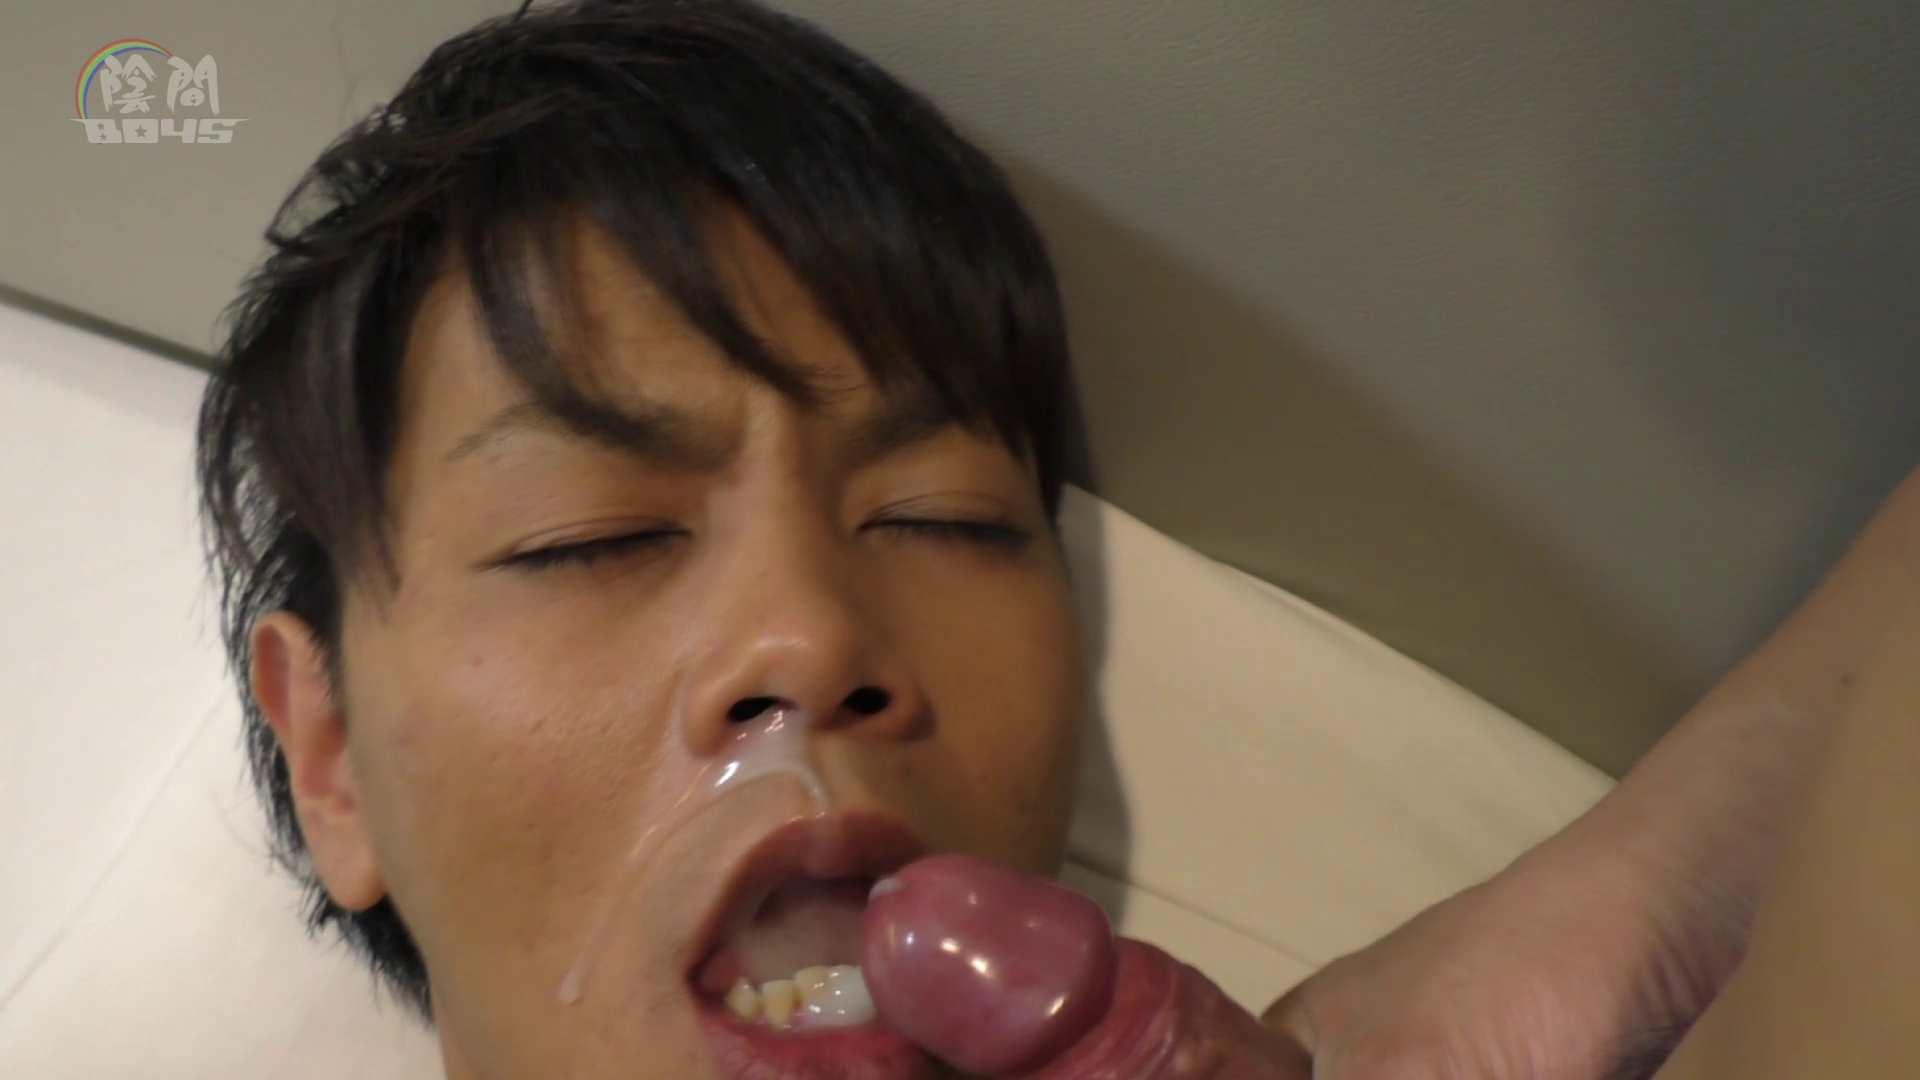 キャバクラの仕事はアナルから6  ~アナルの囁き~Vol.02 オナニー  76pic 42